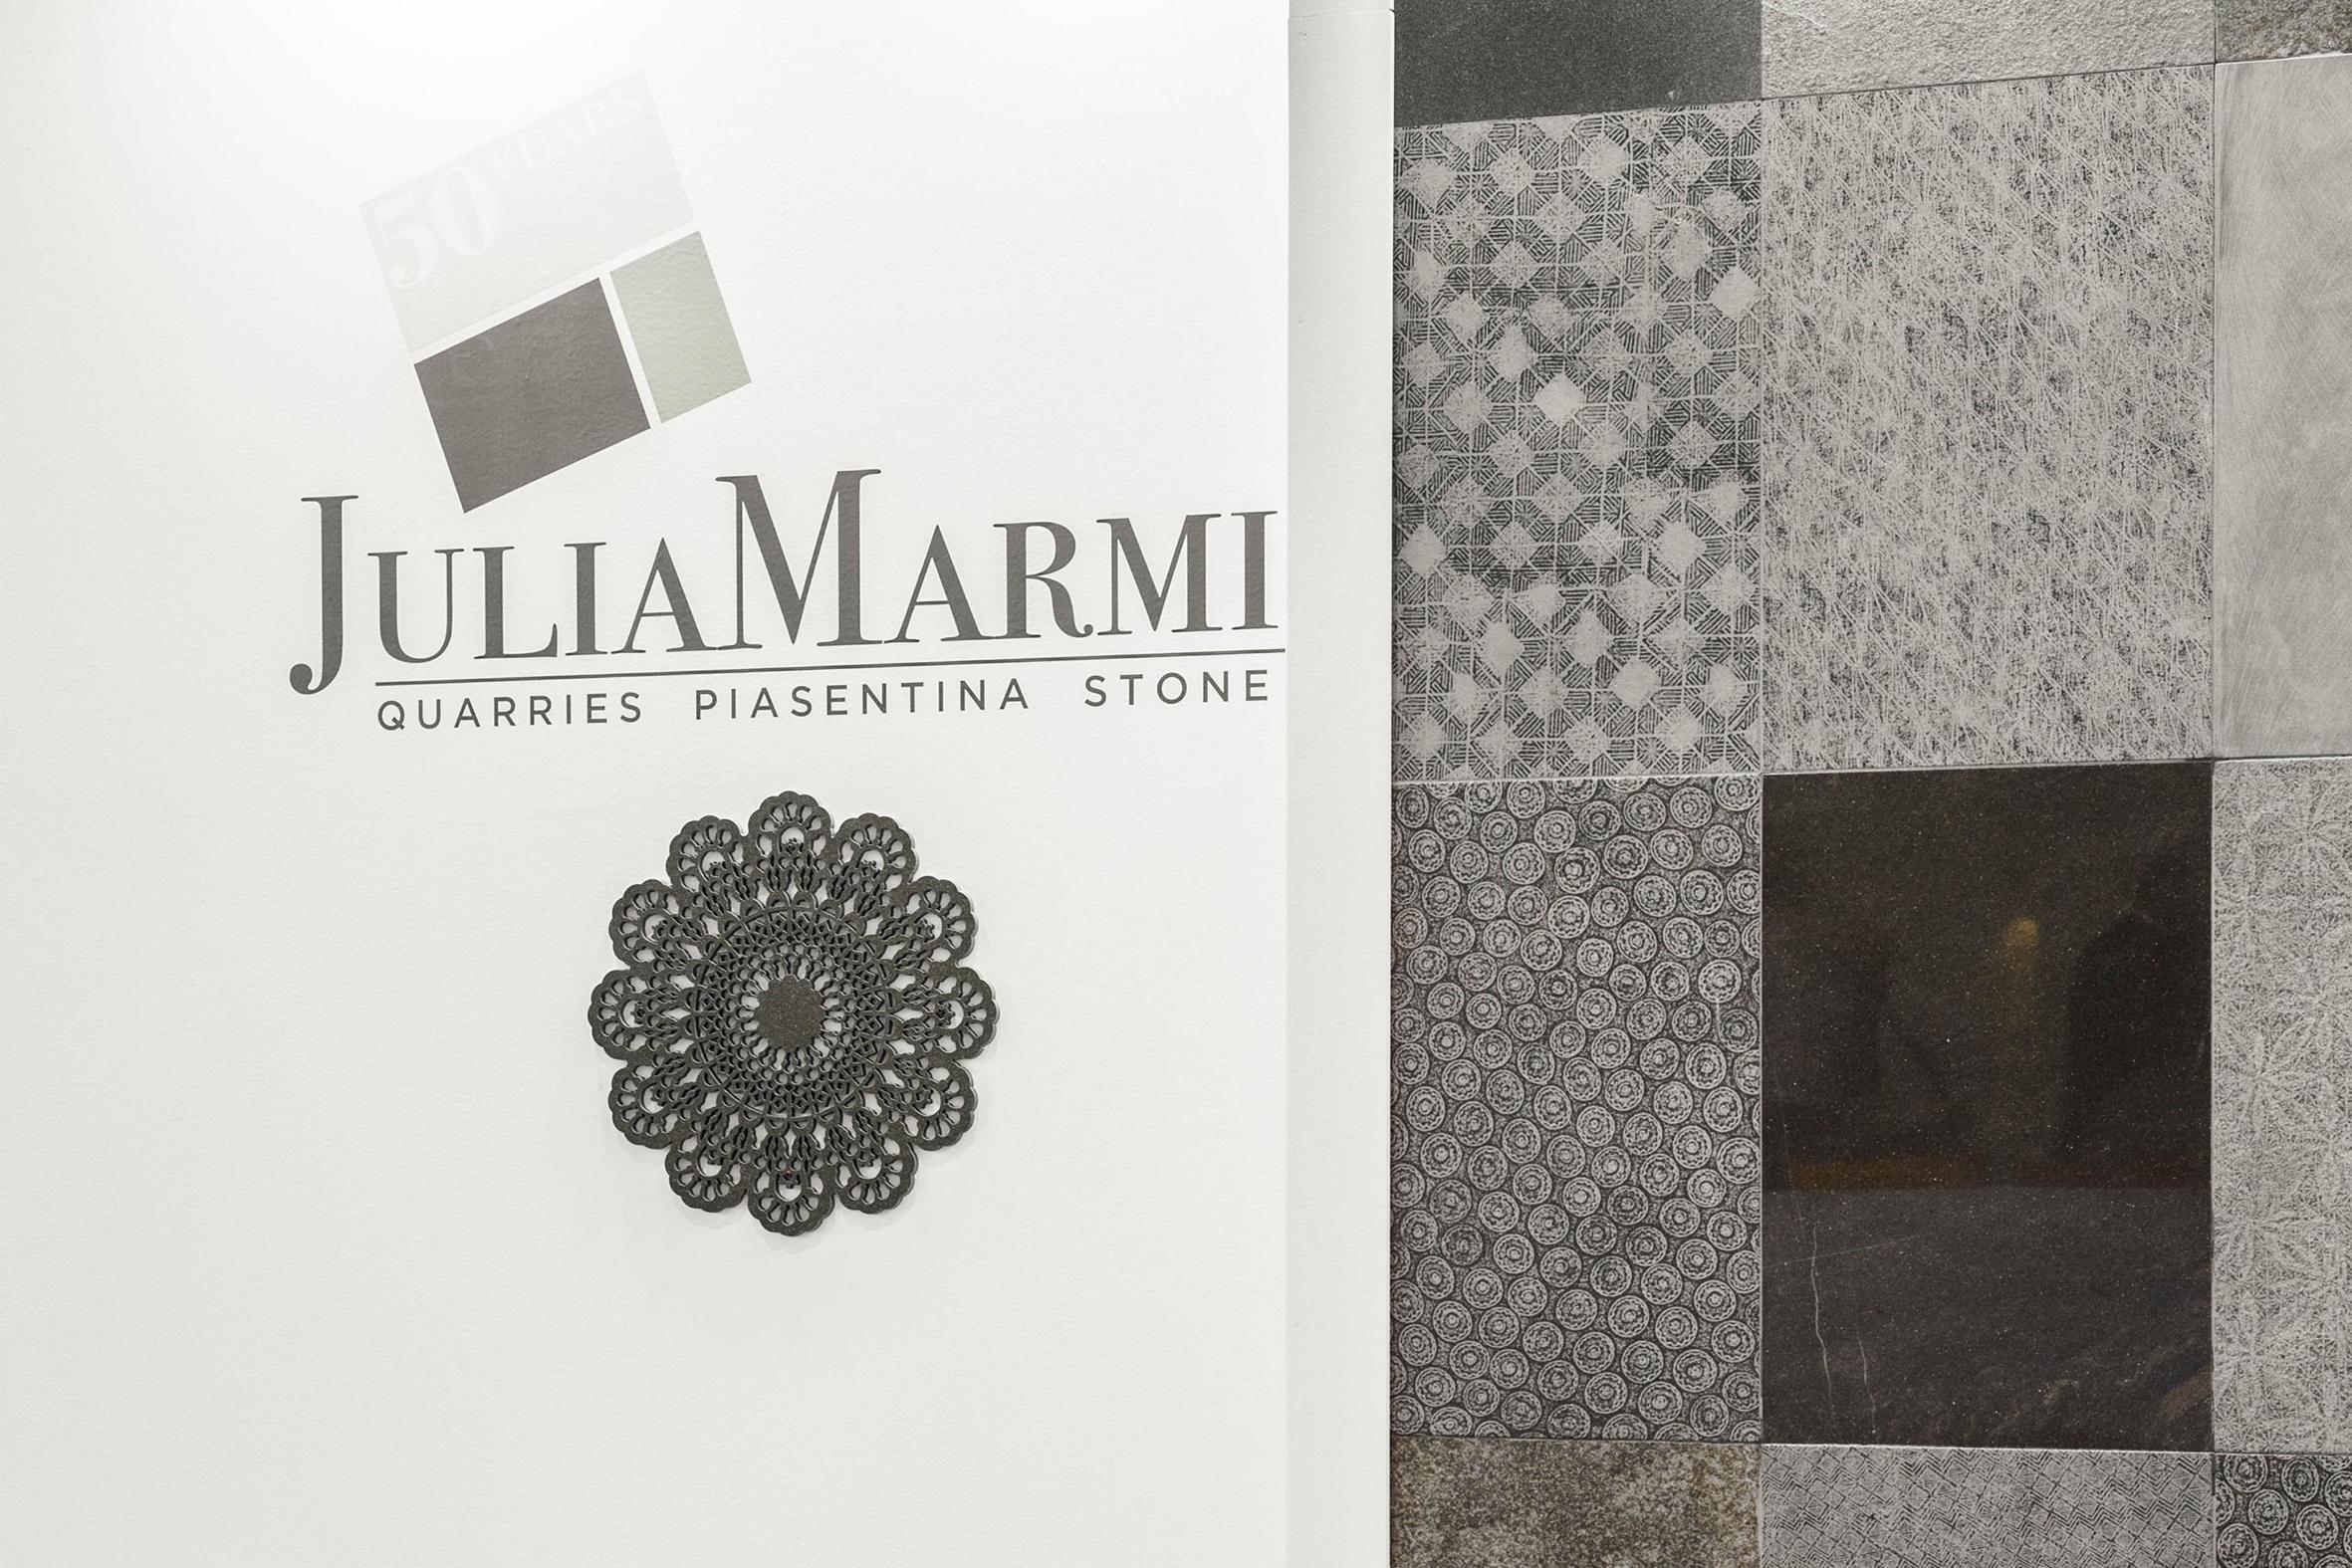 Julia Marmi progetti in Pietra Piasentina